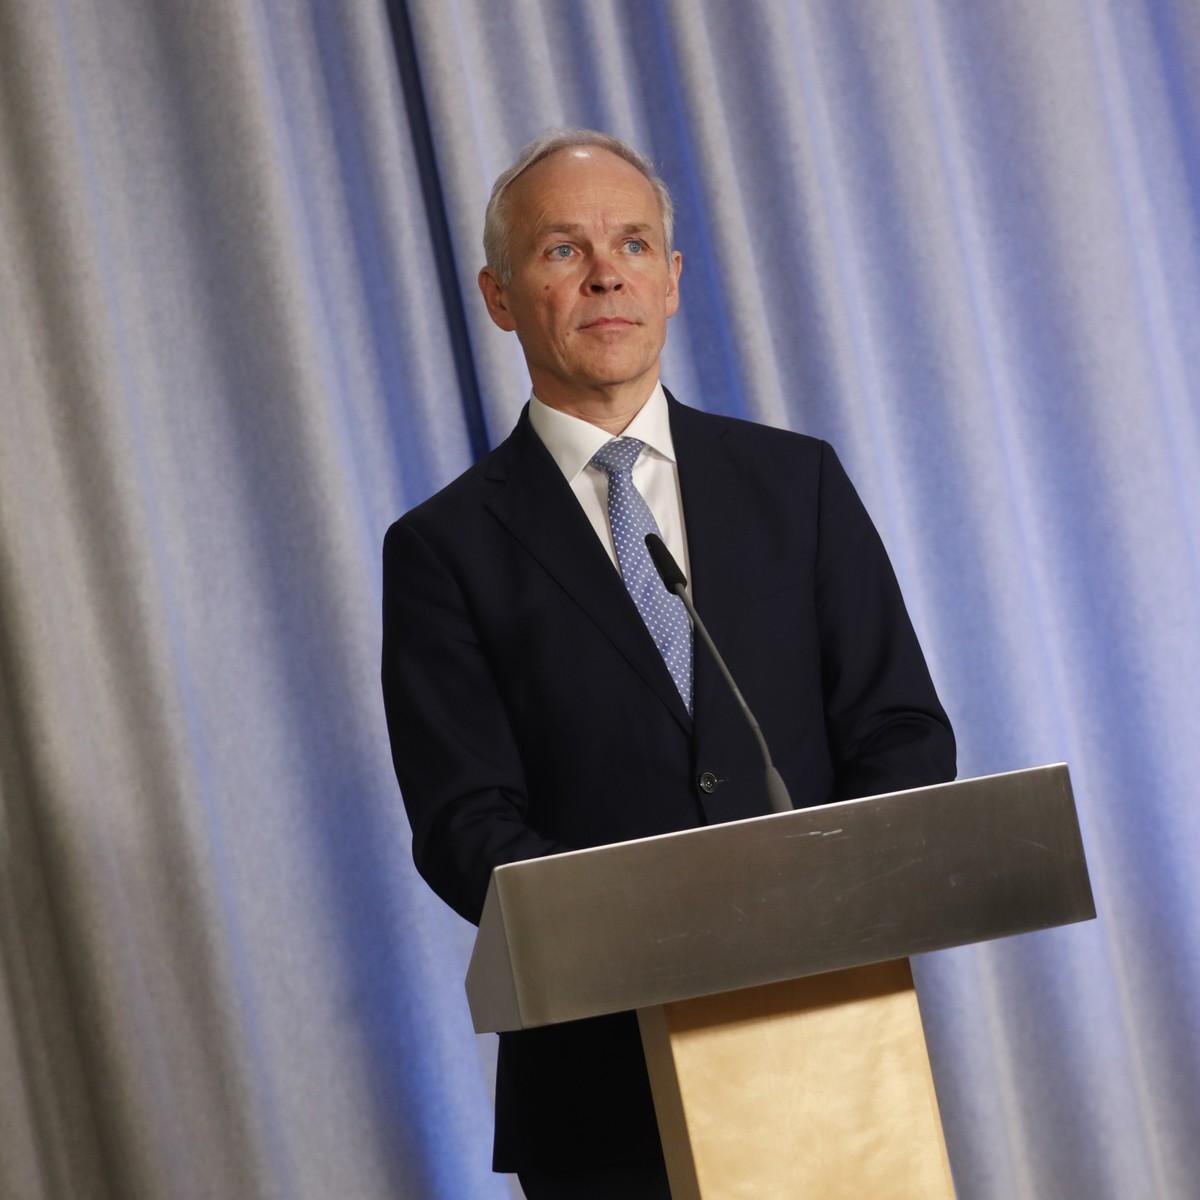 Stordalen direktør: – Krisepakken må være stor nok – NRK